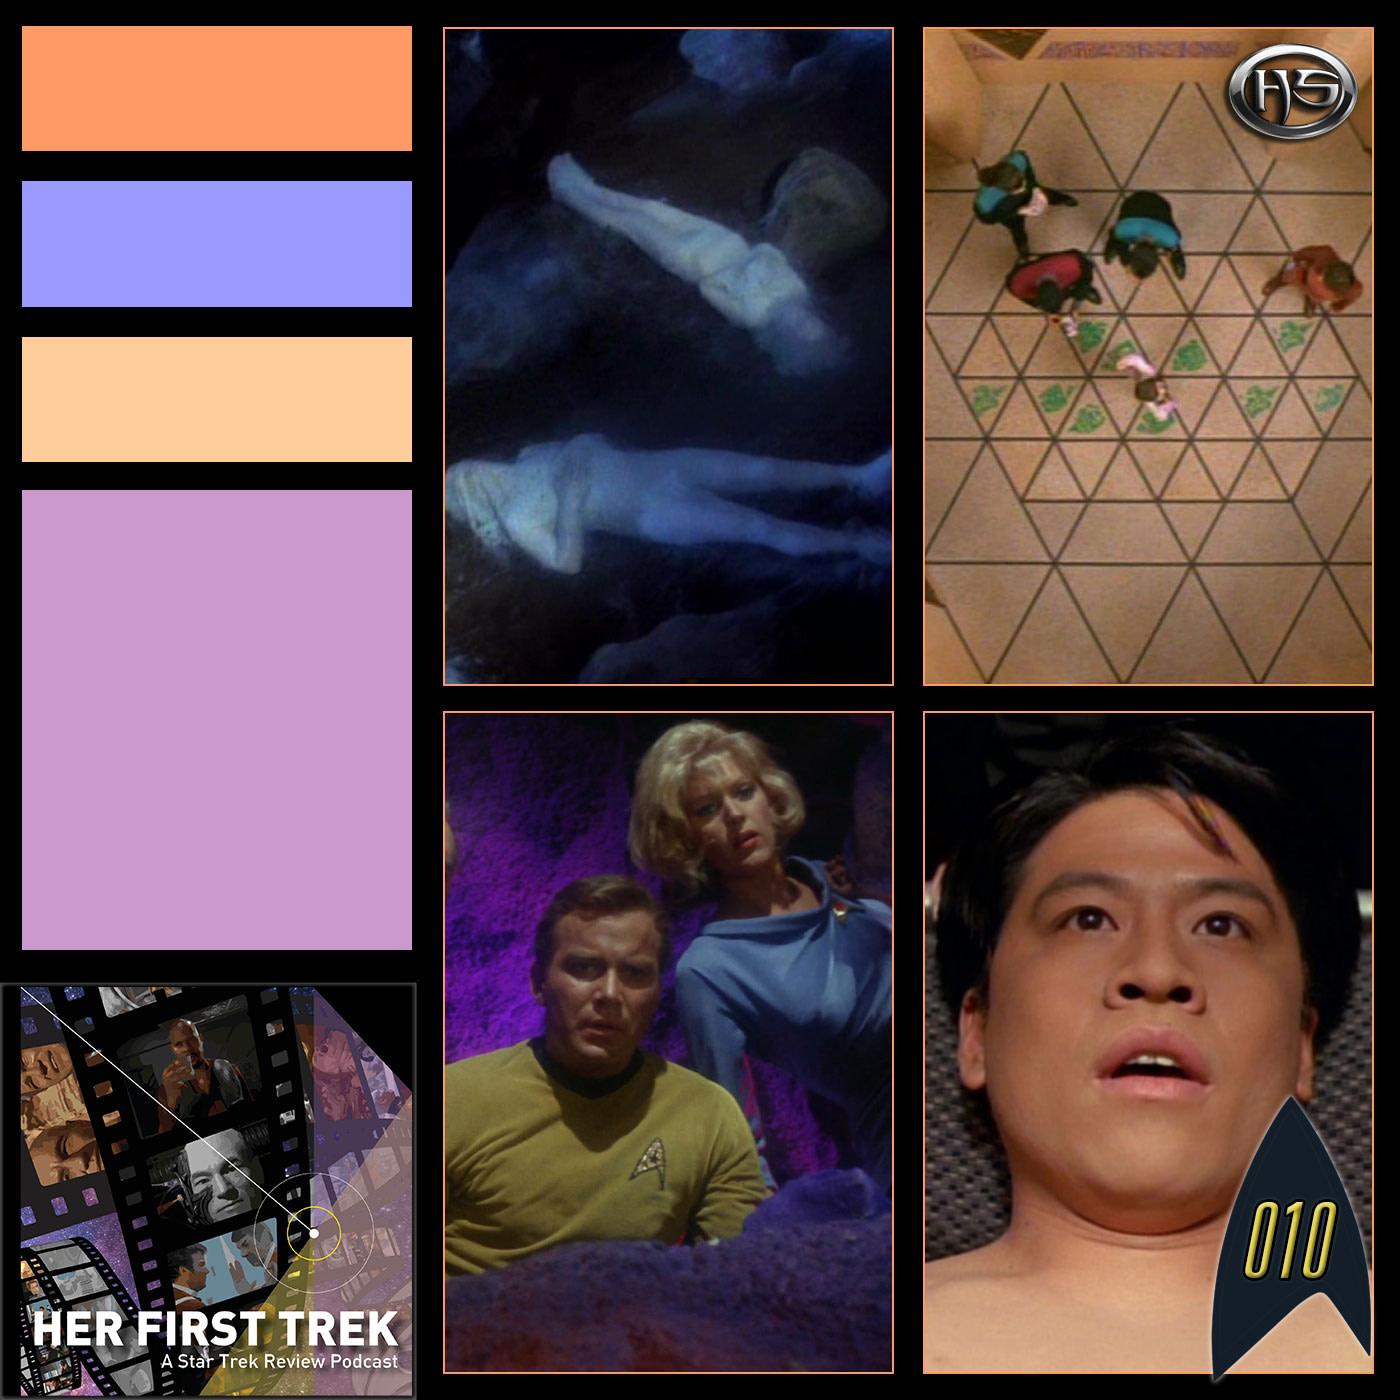 Her First Trek Episode 10